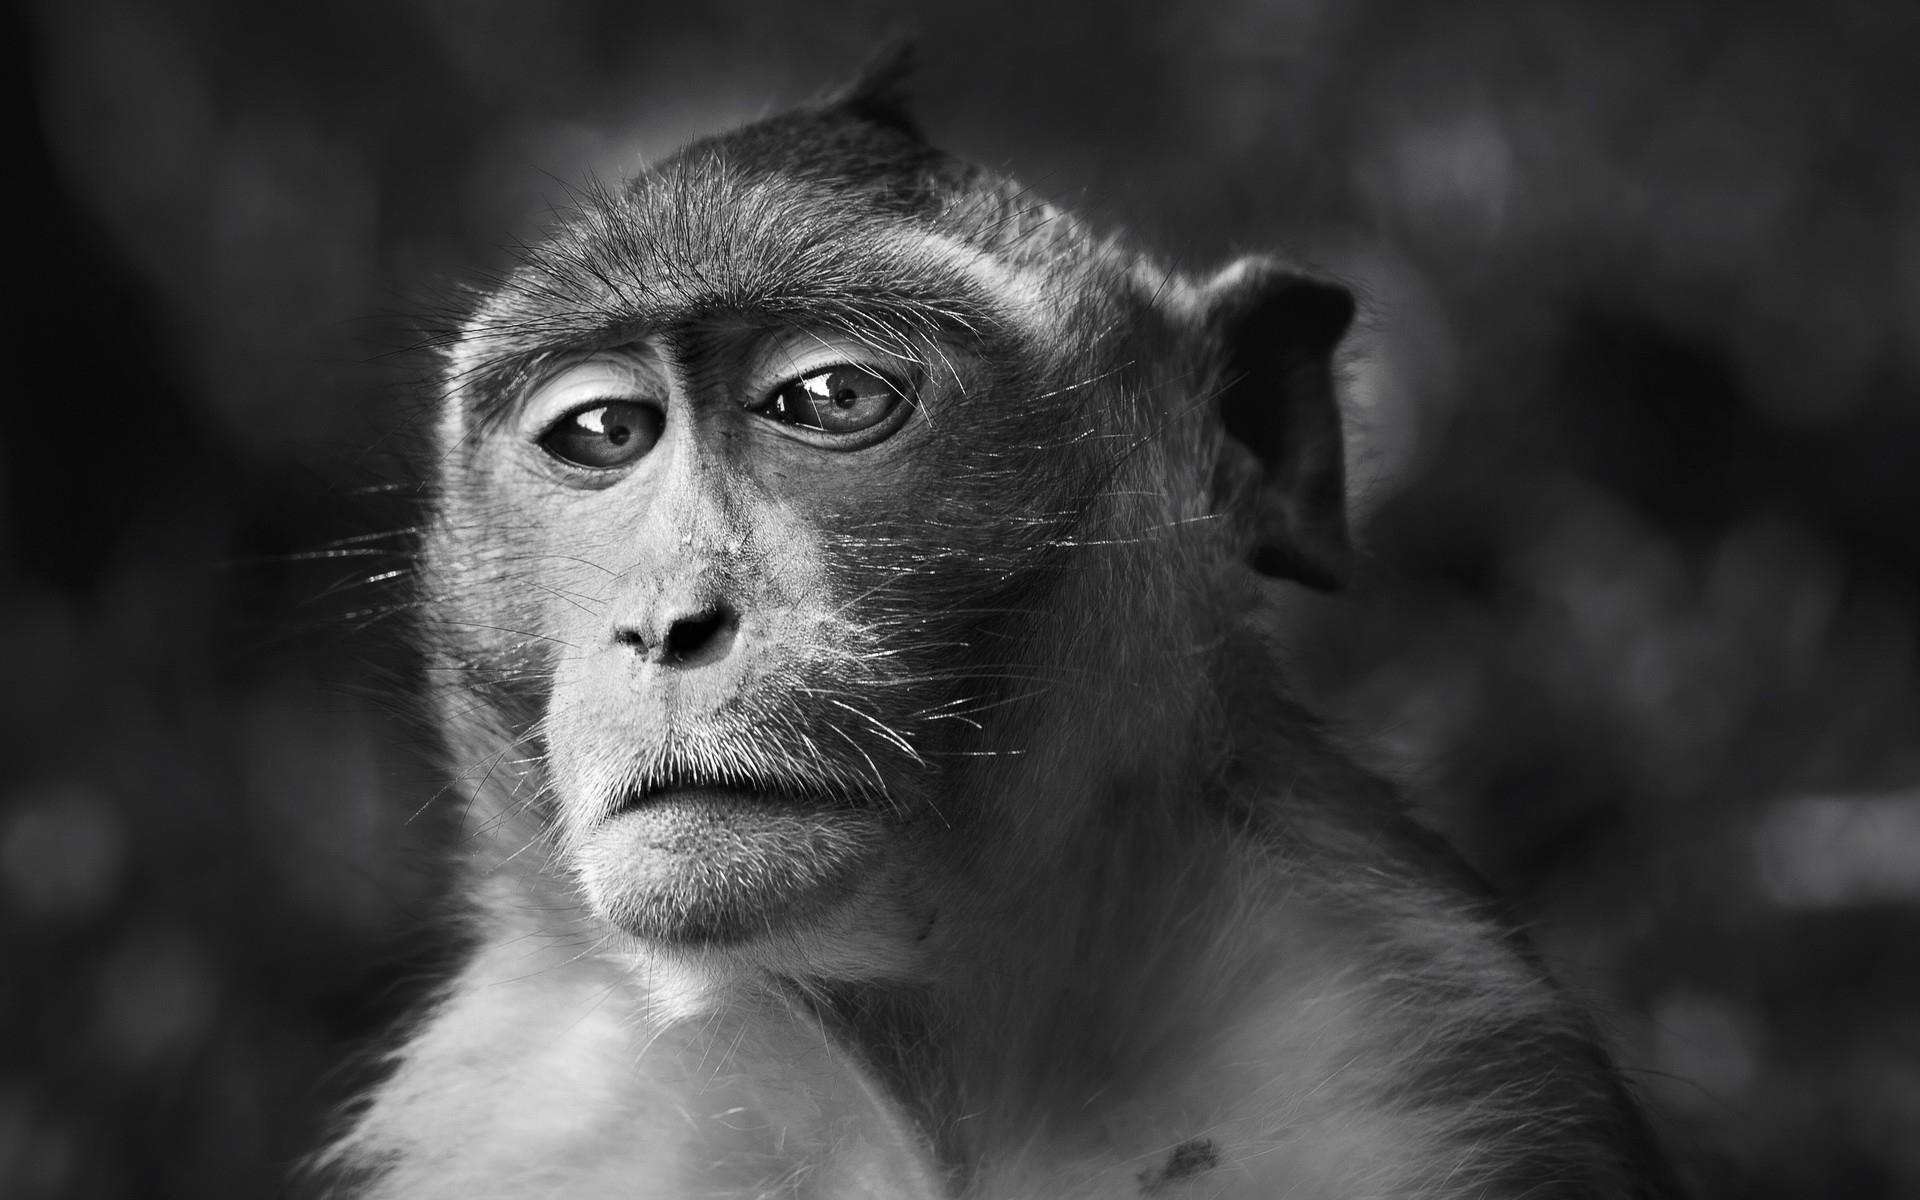 fond d 39 cran visage monochrome les yeux la photographie faune macaque mammif re noir et. Black Bedroom Furniture Sets. Home Design Ideas